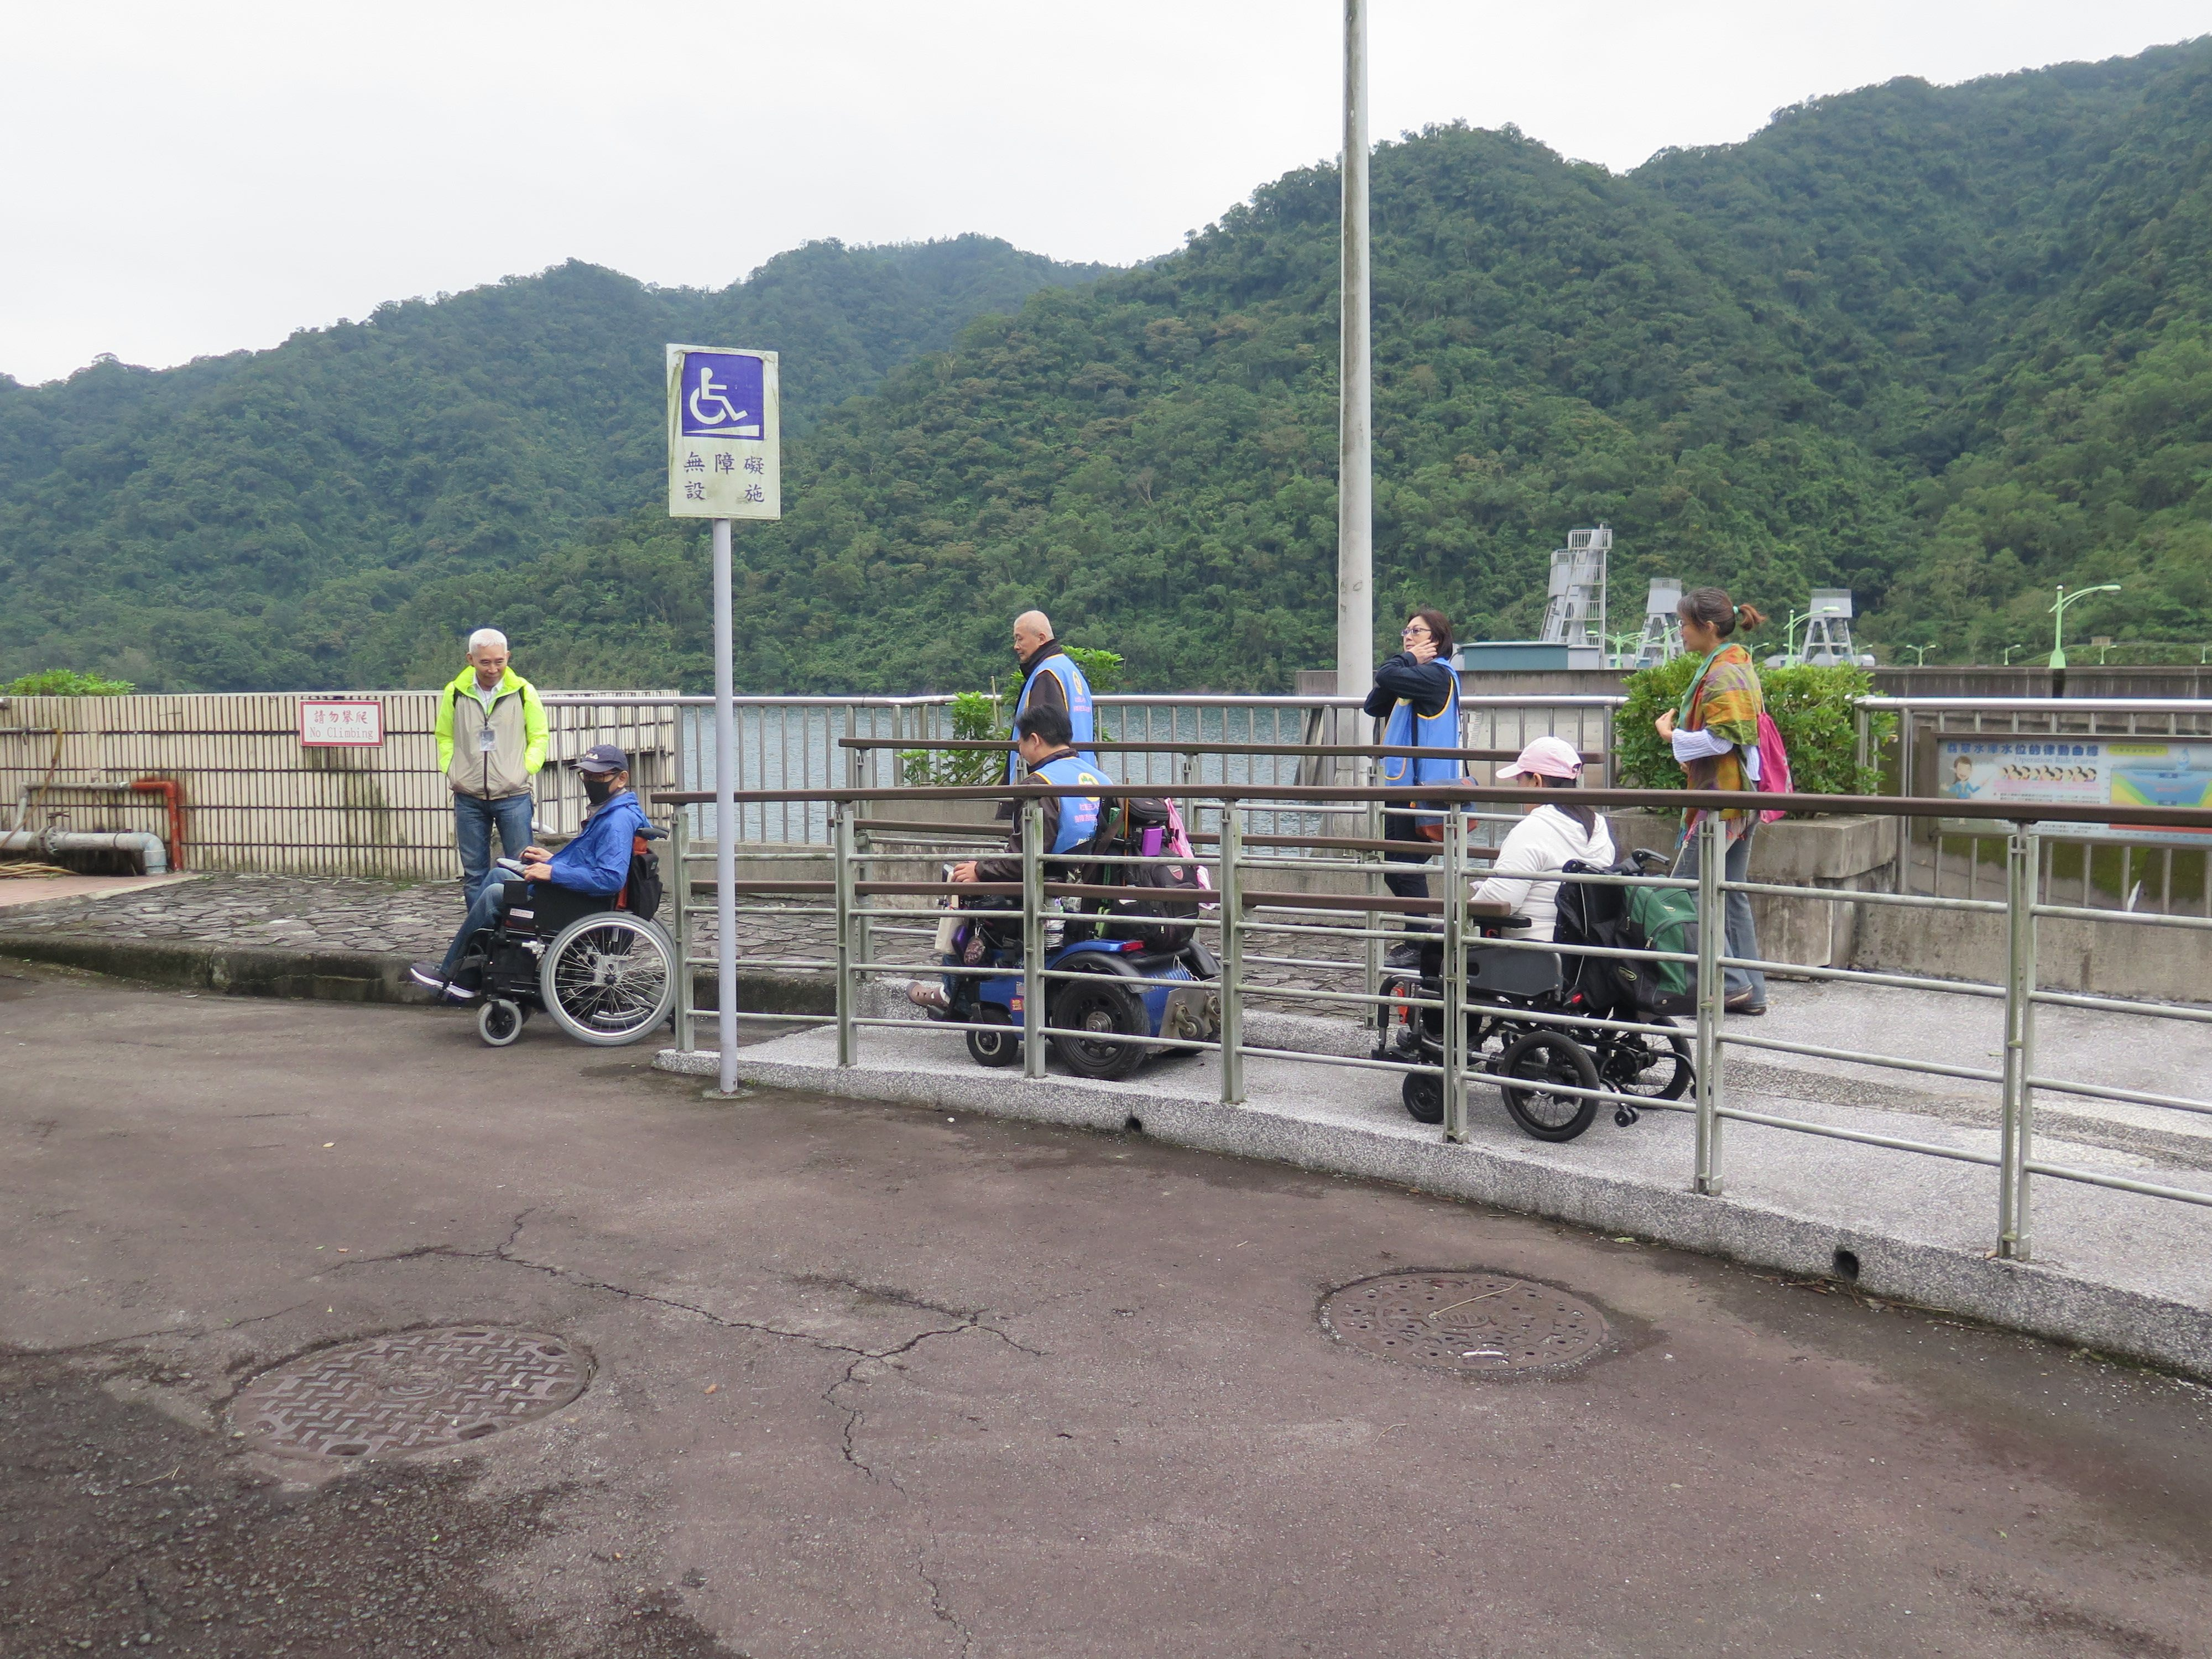 圖片說明:本局備有妥善的無障礙設方便身障民眾參觀